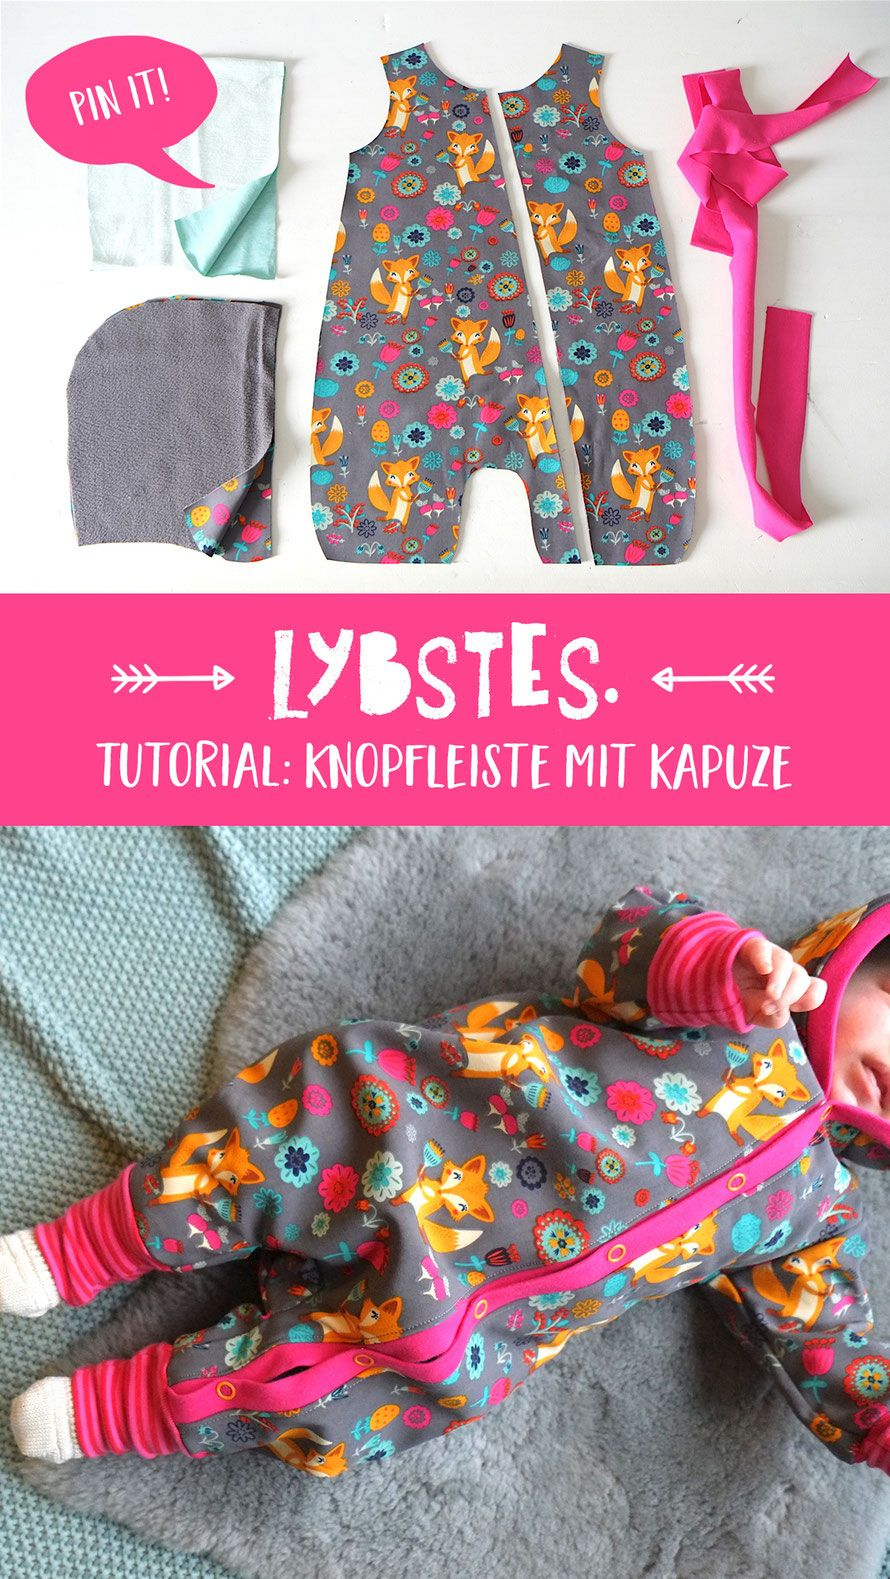 Tutorial: Jumpsuit mit Knopfleiste und Kapuze - Lybstes. | Bebé ...